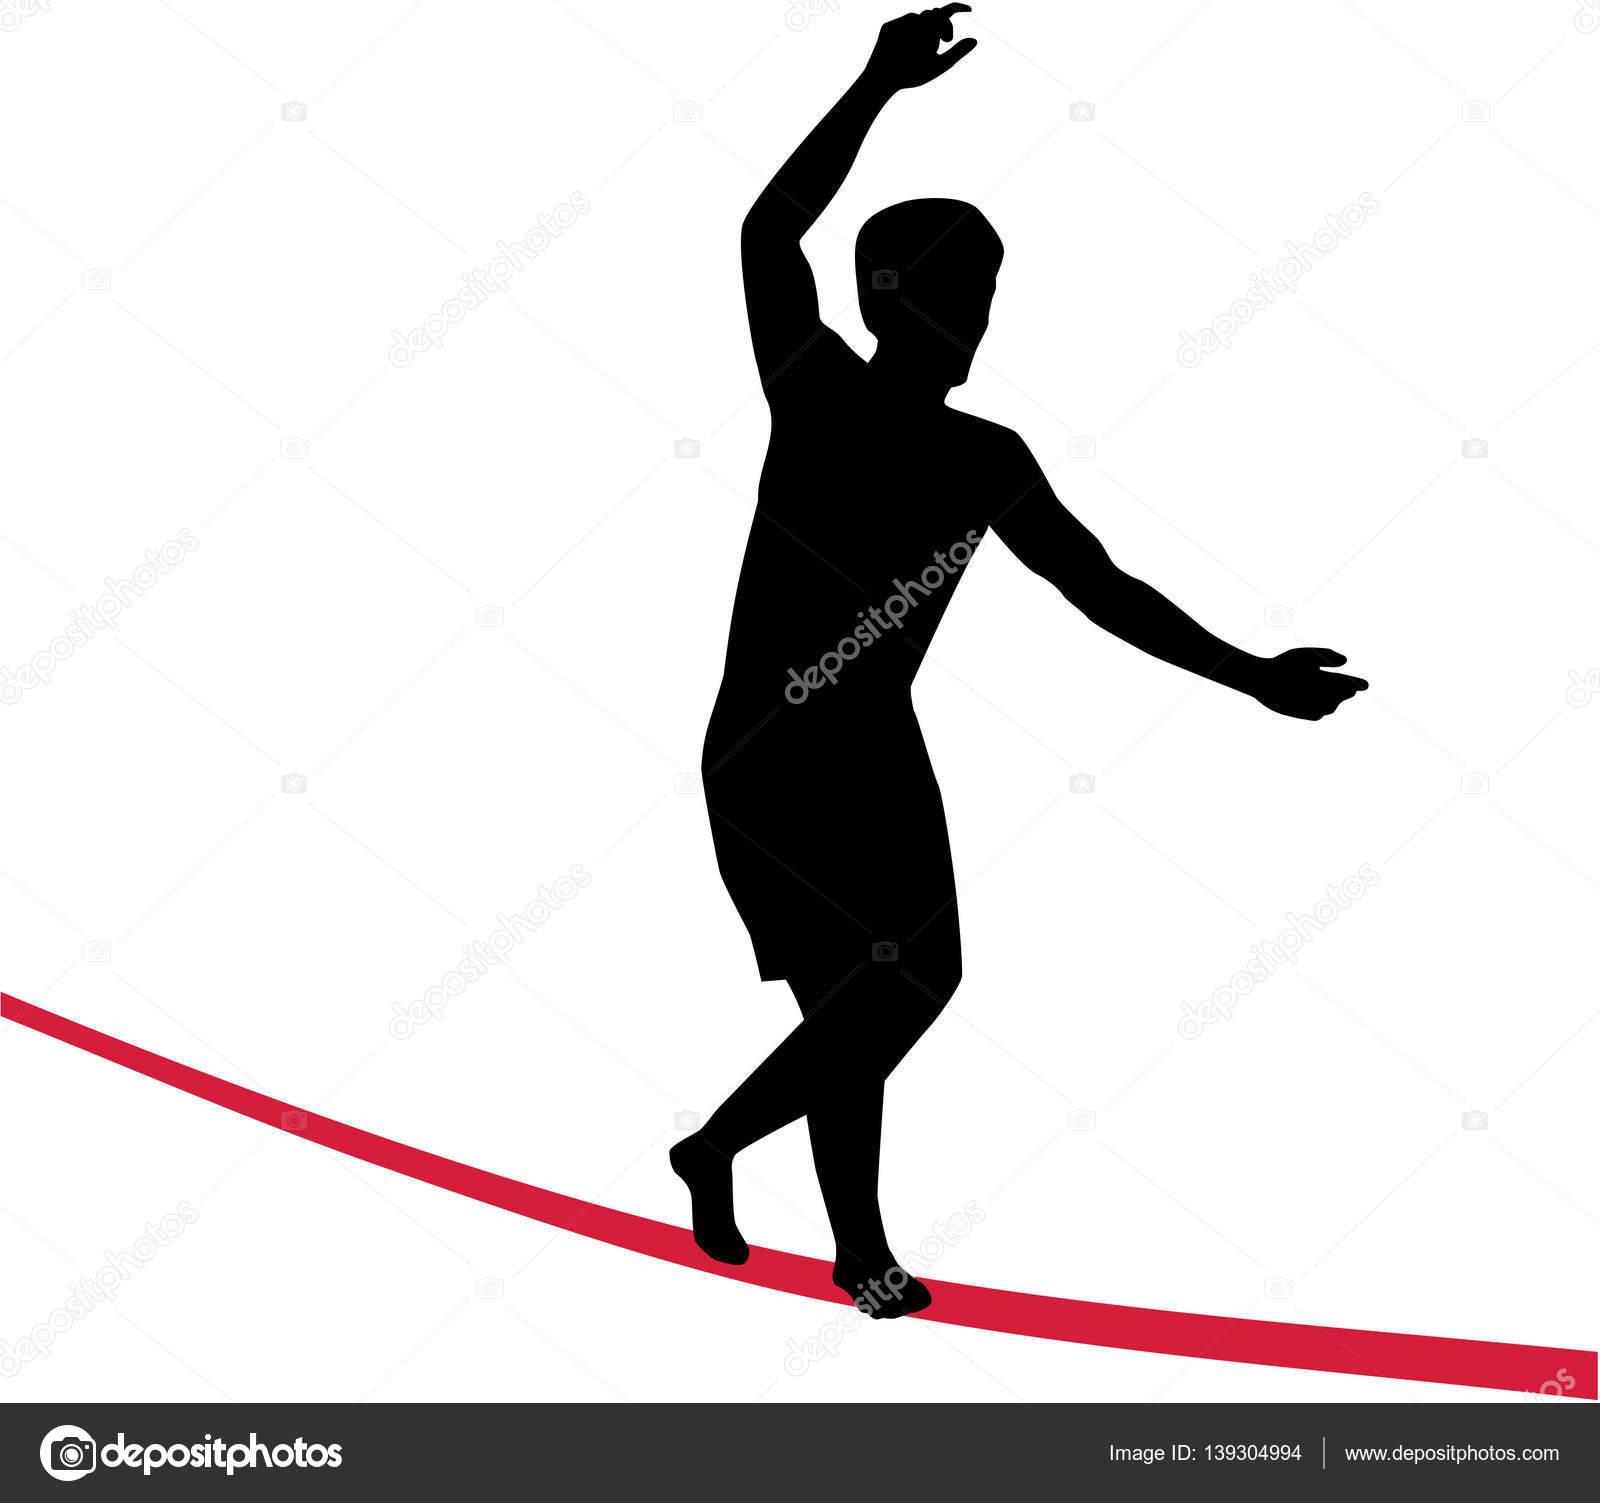 Slackline auf roten Draht — Stockvektor © miceking #139304994